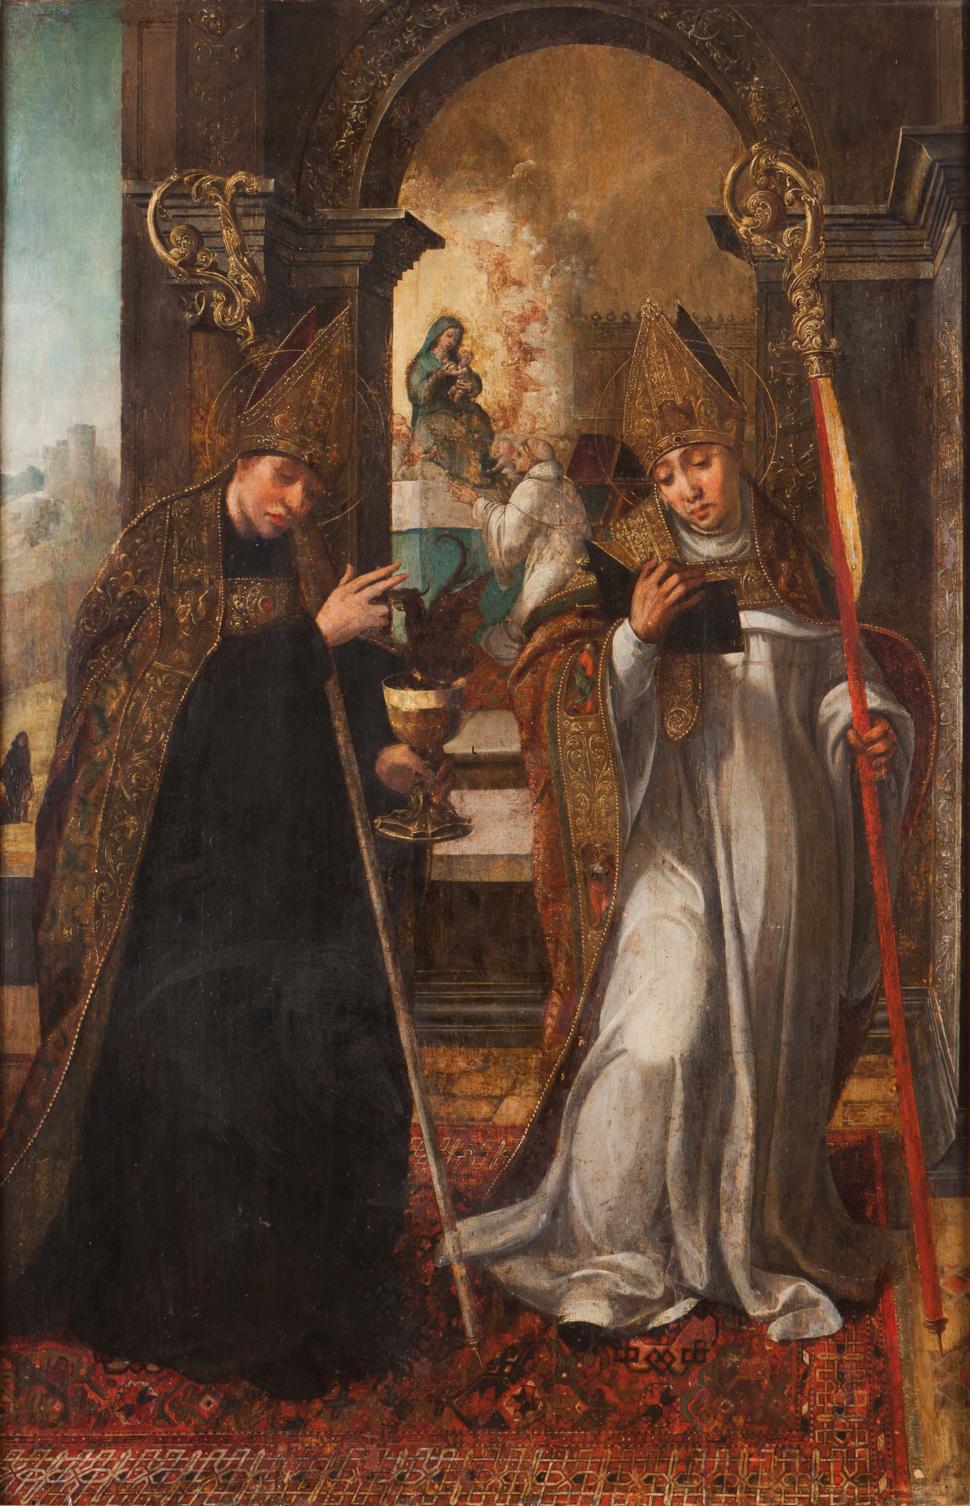 São Bento e São Bernardo (1542) - Diogo de Contreiras